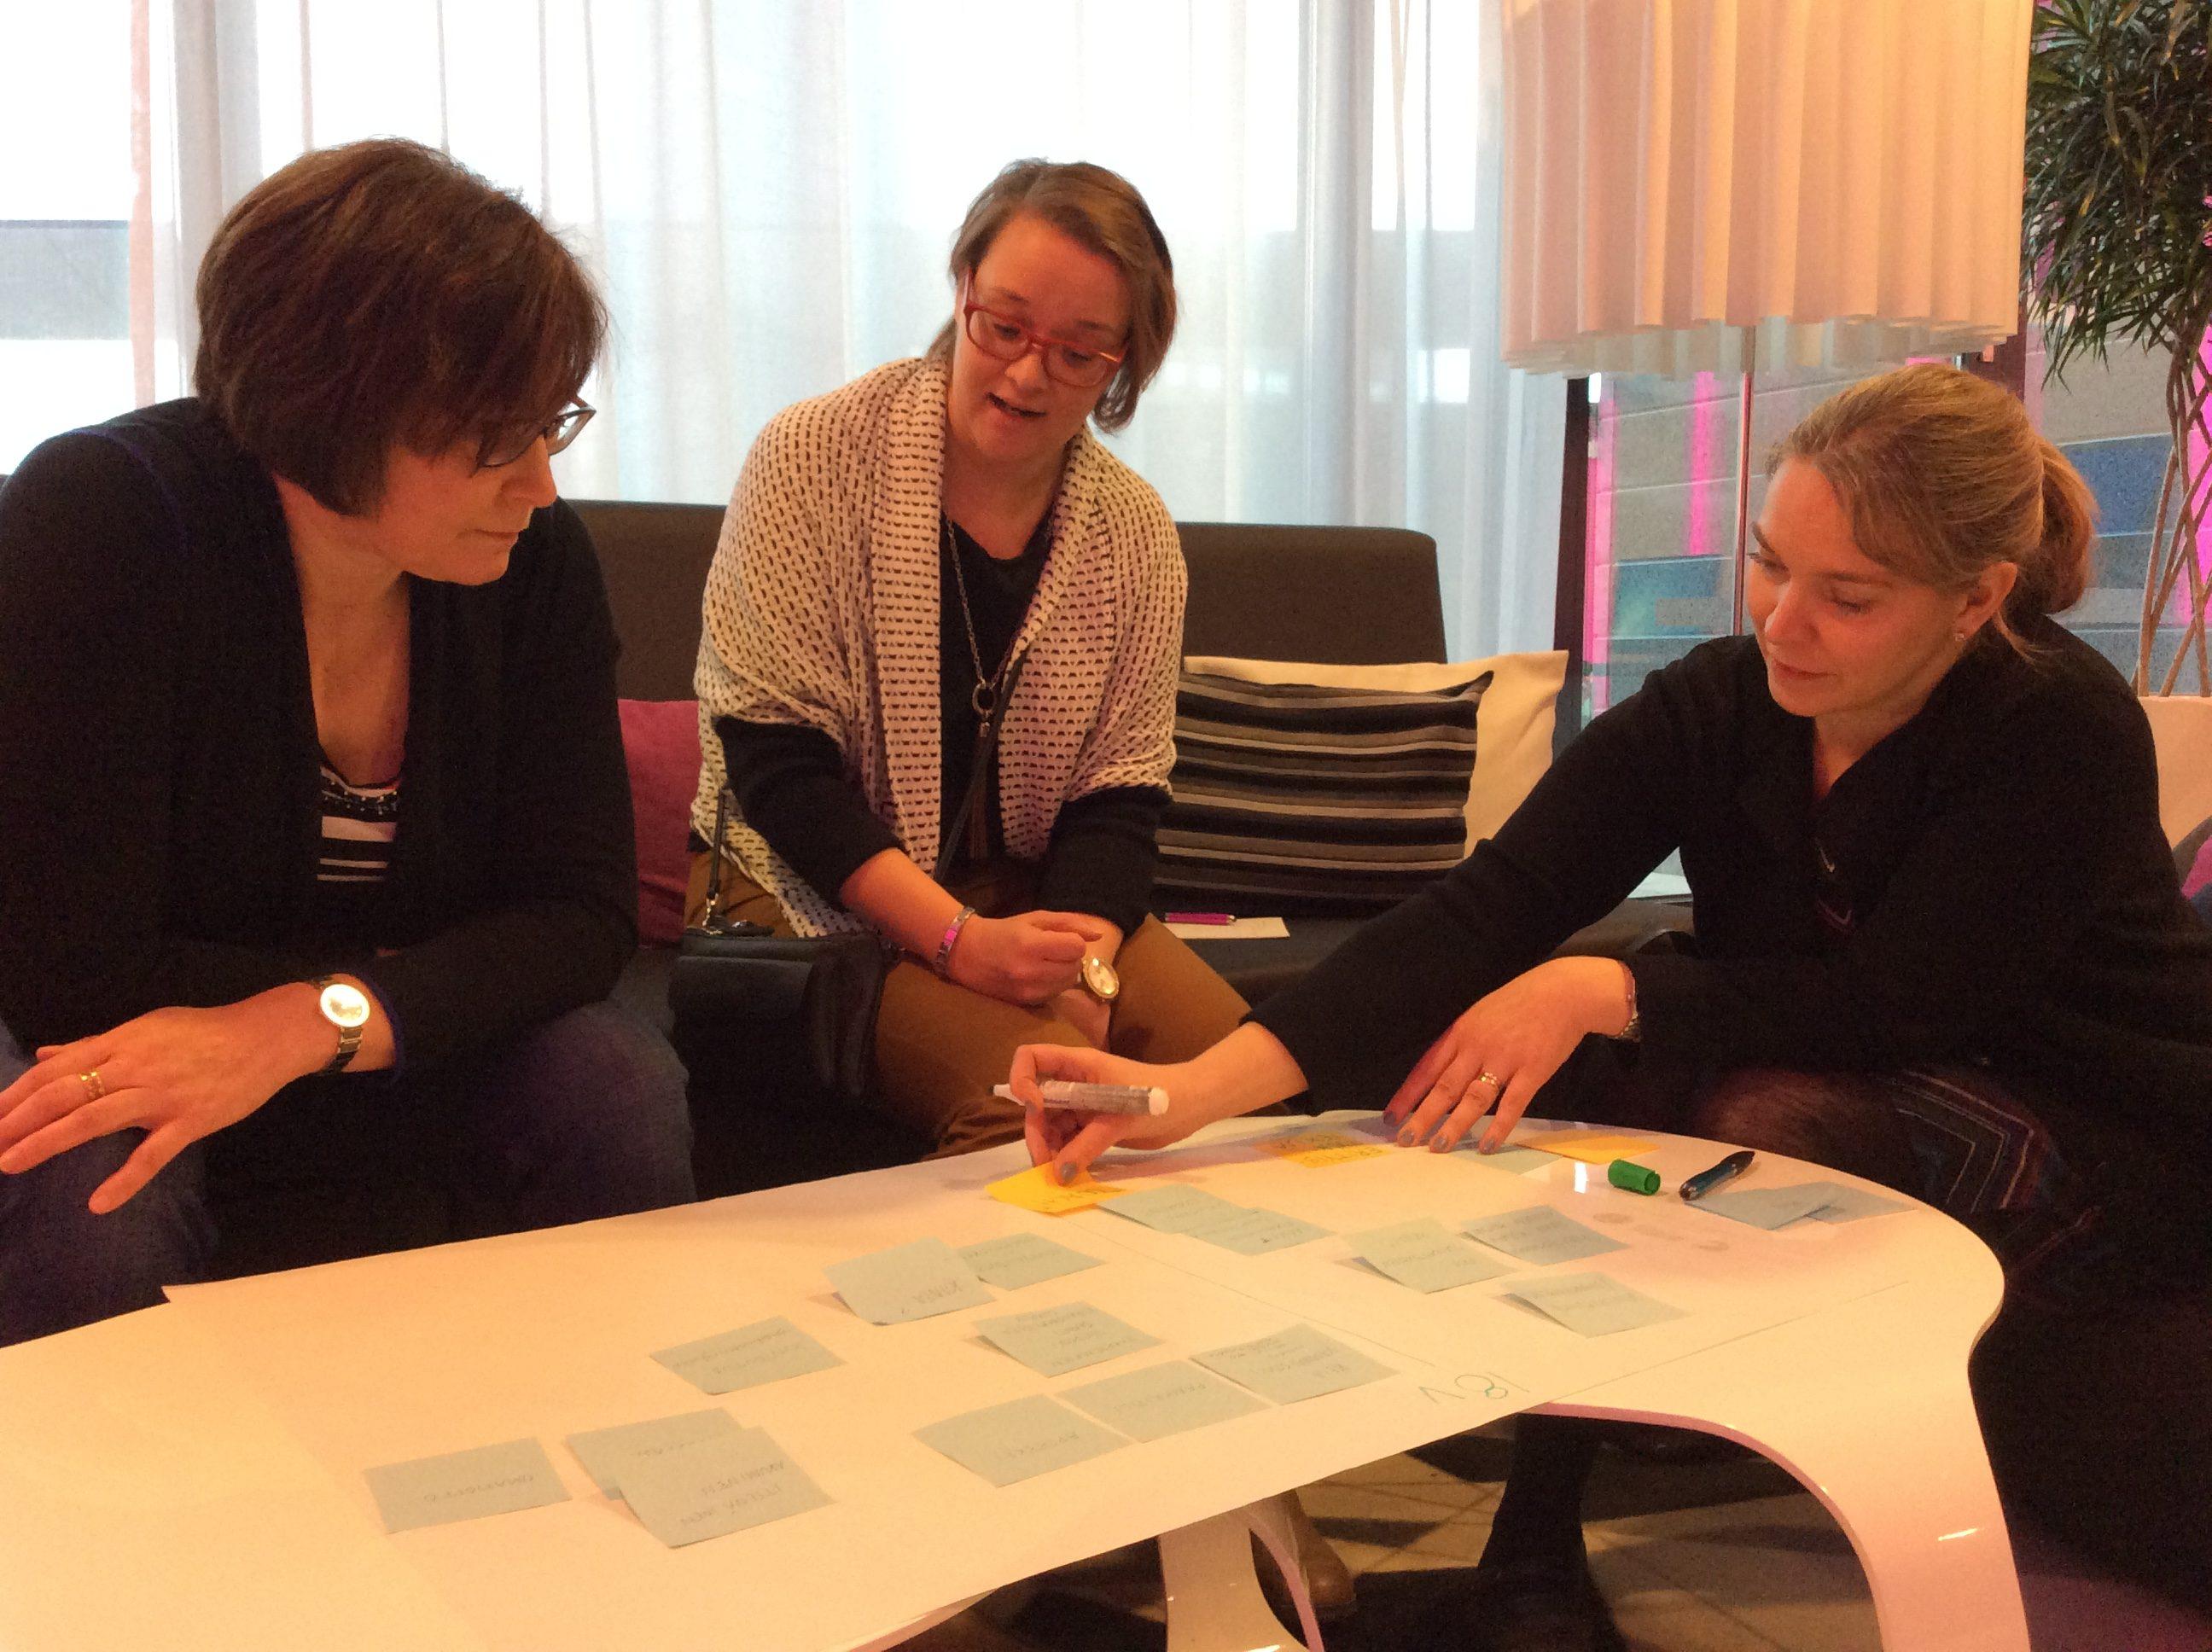 Kolme naista keskustelemassa ja kirjoittamassa fläppipaperille.